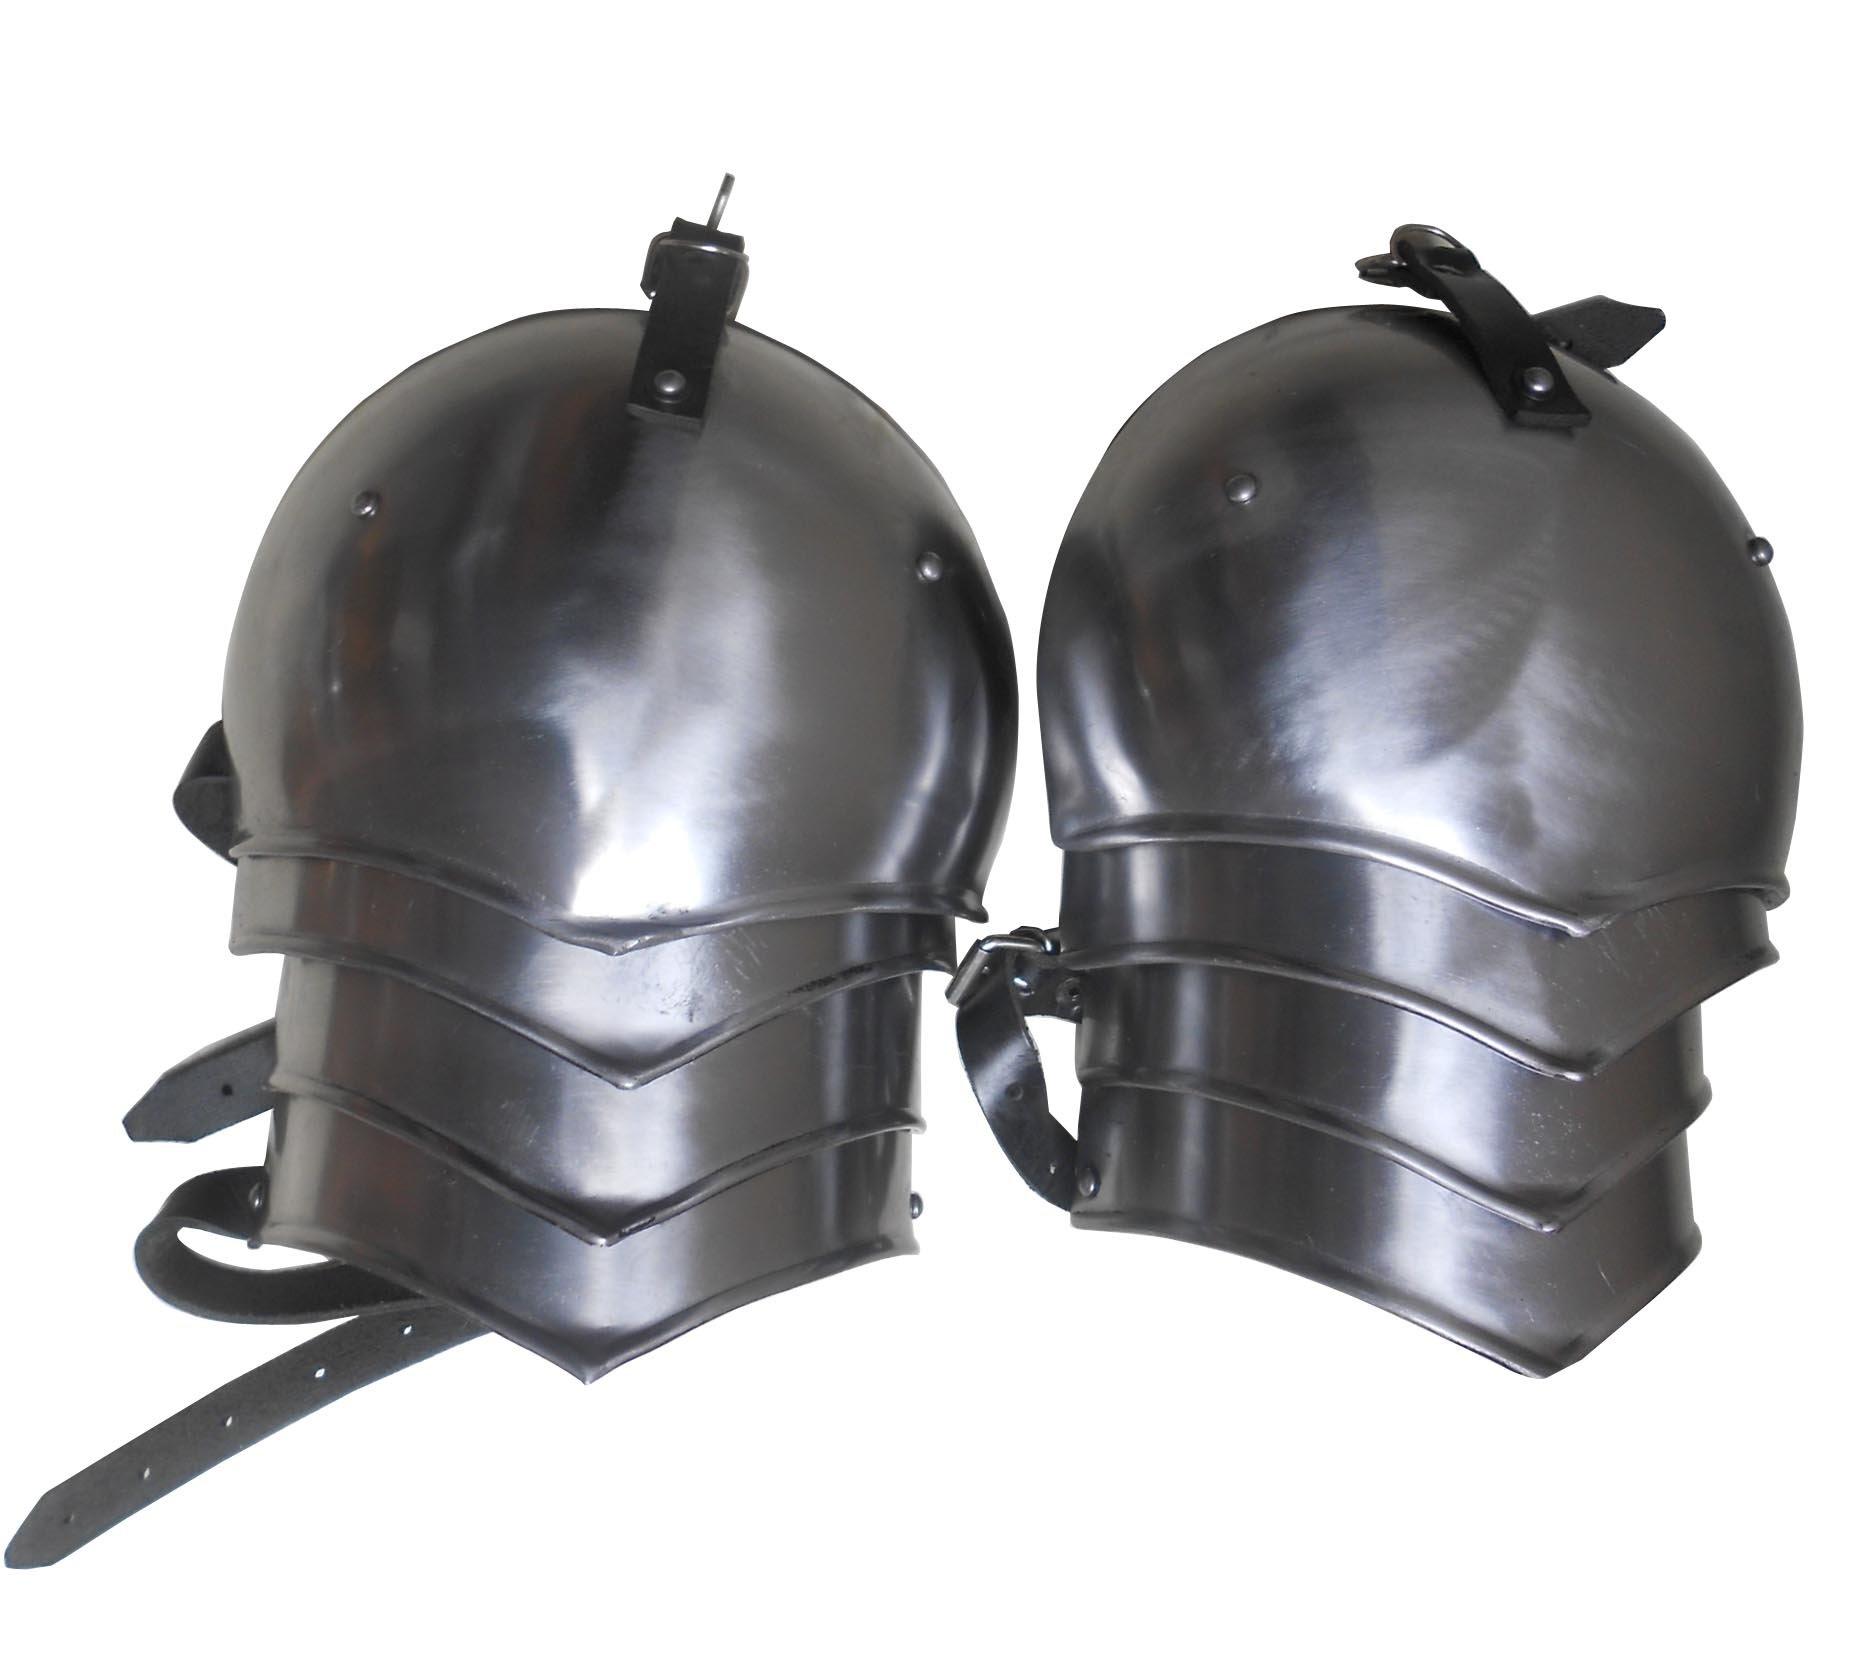 Steel Shoulder Plates Medieval Costumes Shoulder Armor Set SPAULDER Set